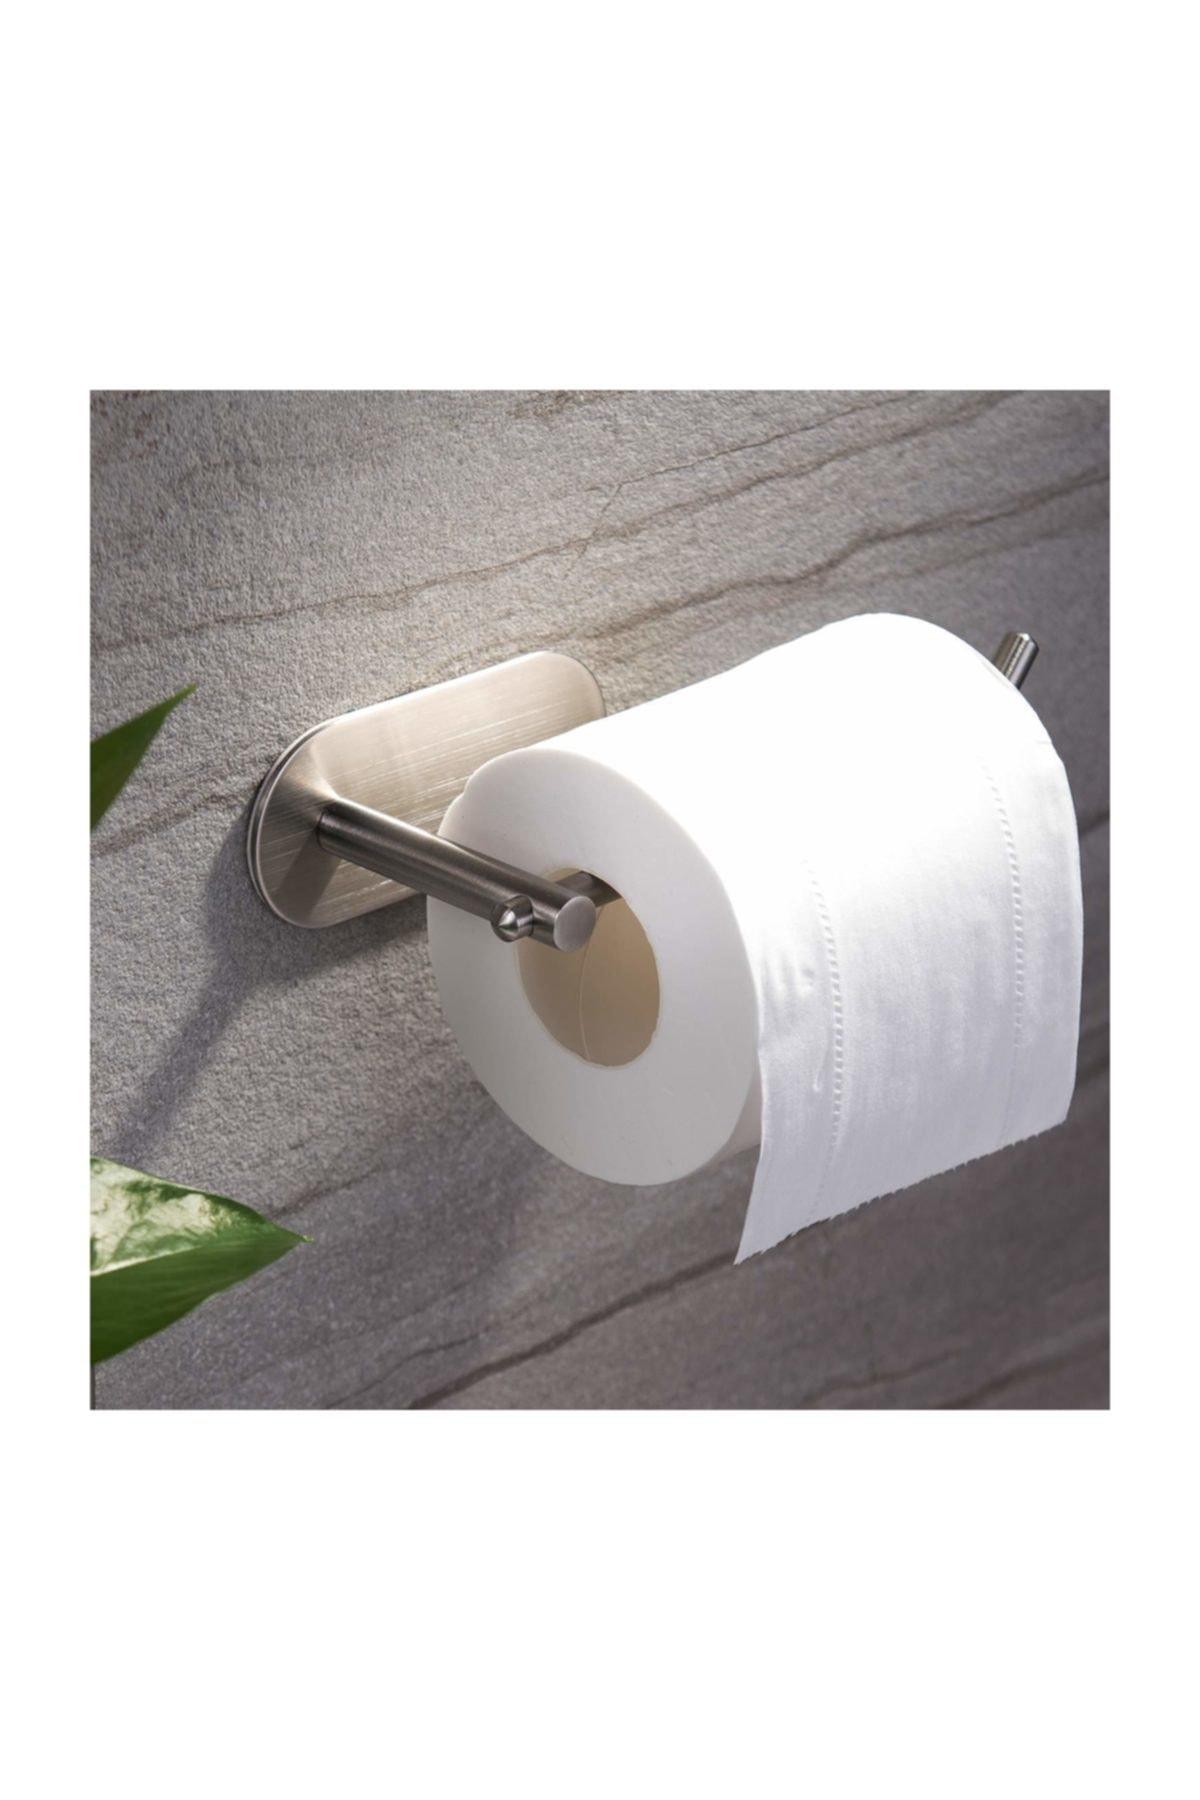 Paslanmaz Çelik Tuvalet Kağıtlığı - Wc Kağıtlık Aparatı - Yapışkanlı Sistem - Model: Hamburg